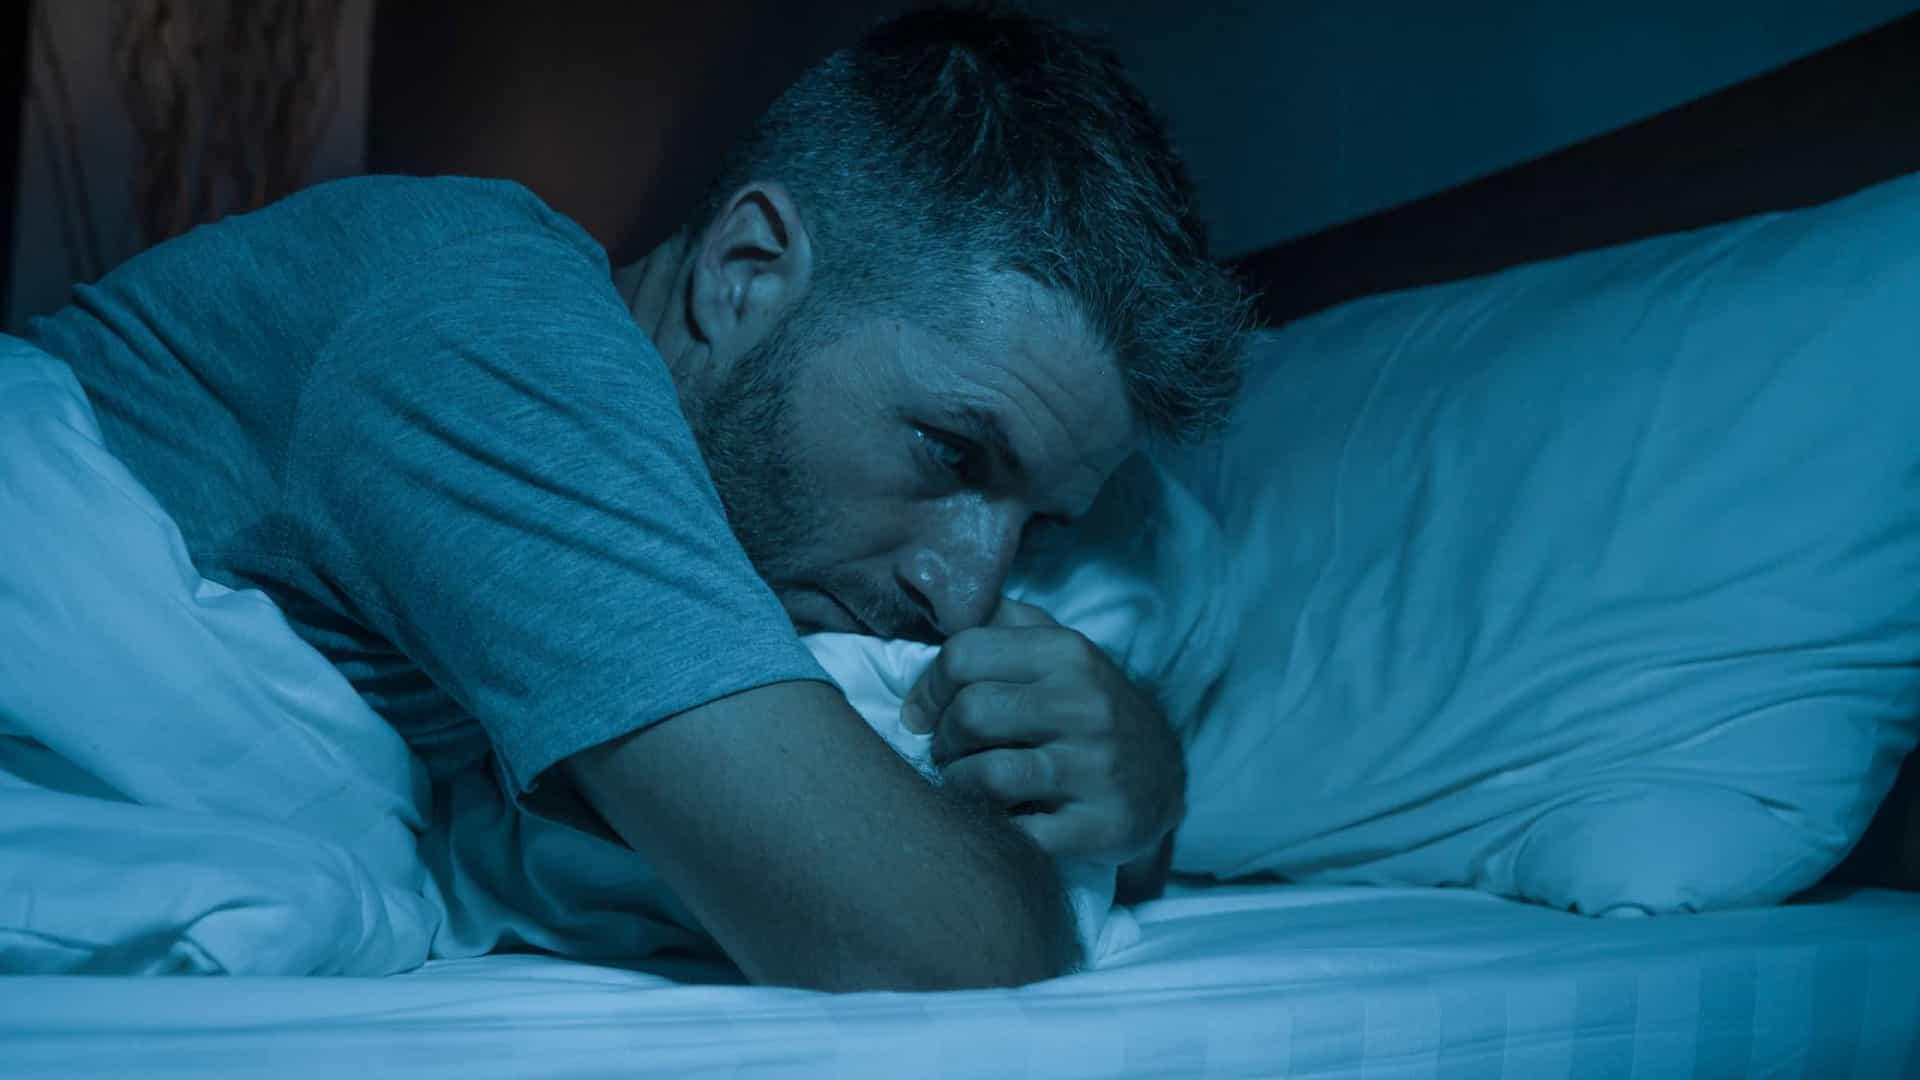 Dormir pouco pode afetar a saúde mental